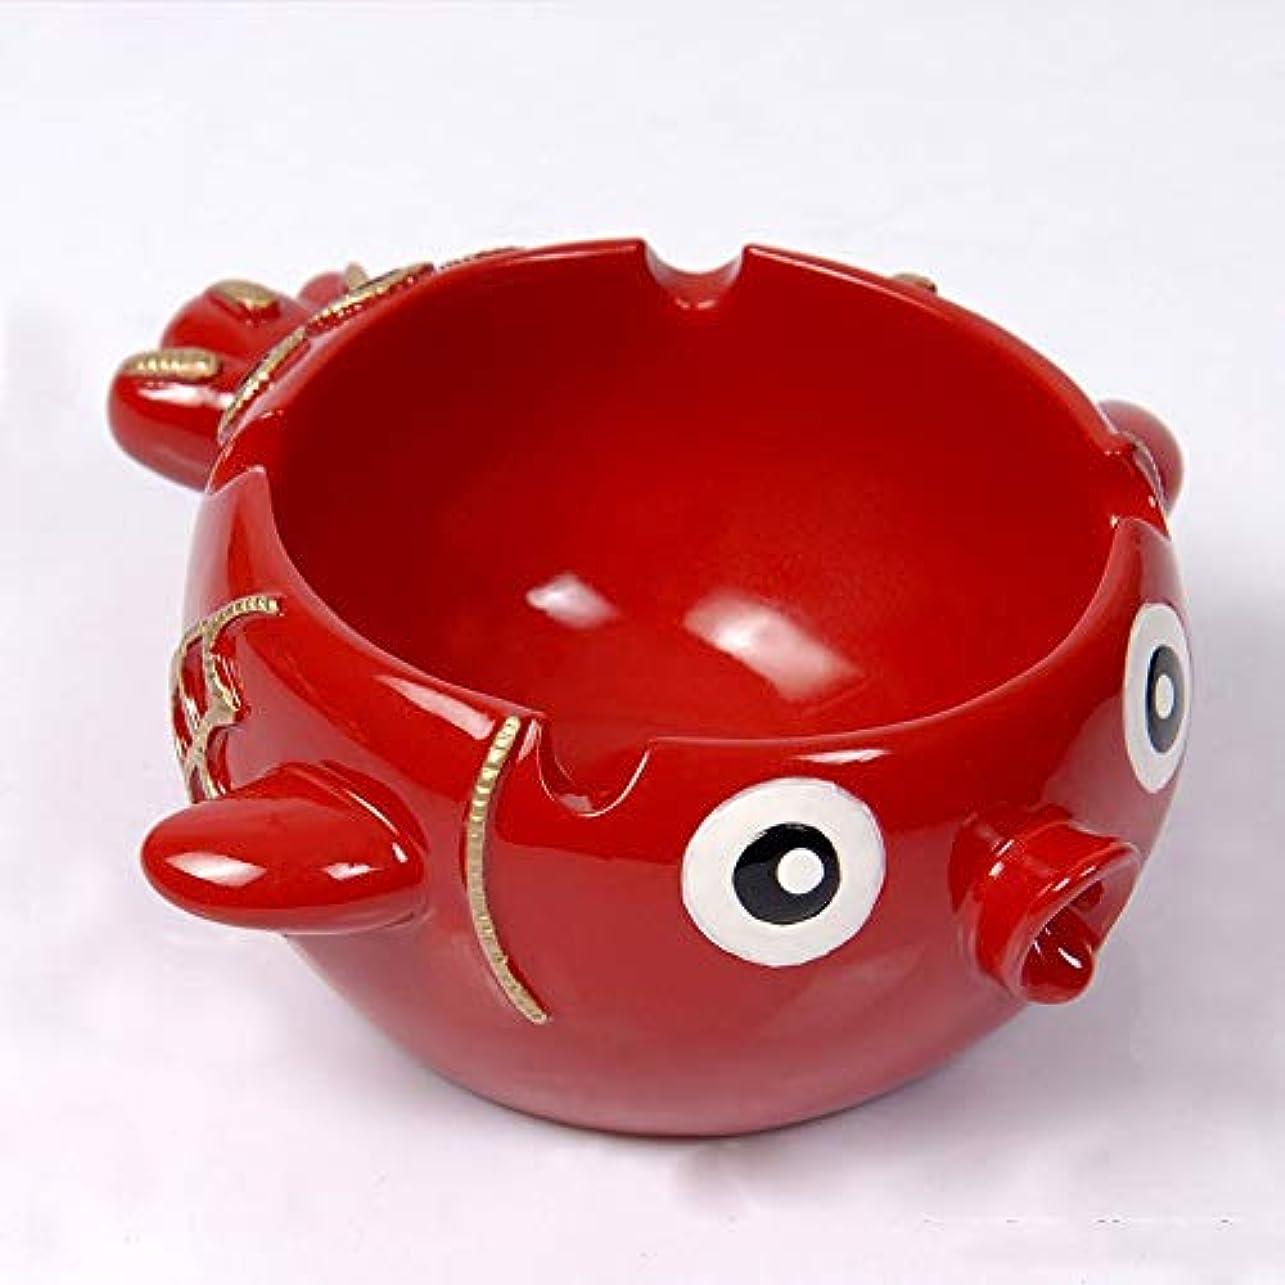 親密な溶けるパスタタバコ、ギフトおよび総本店の装飾のための灰皿の円形の光沢のある樹脂の灰皿